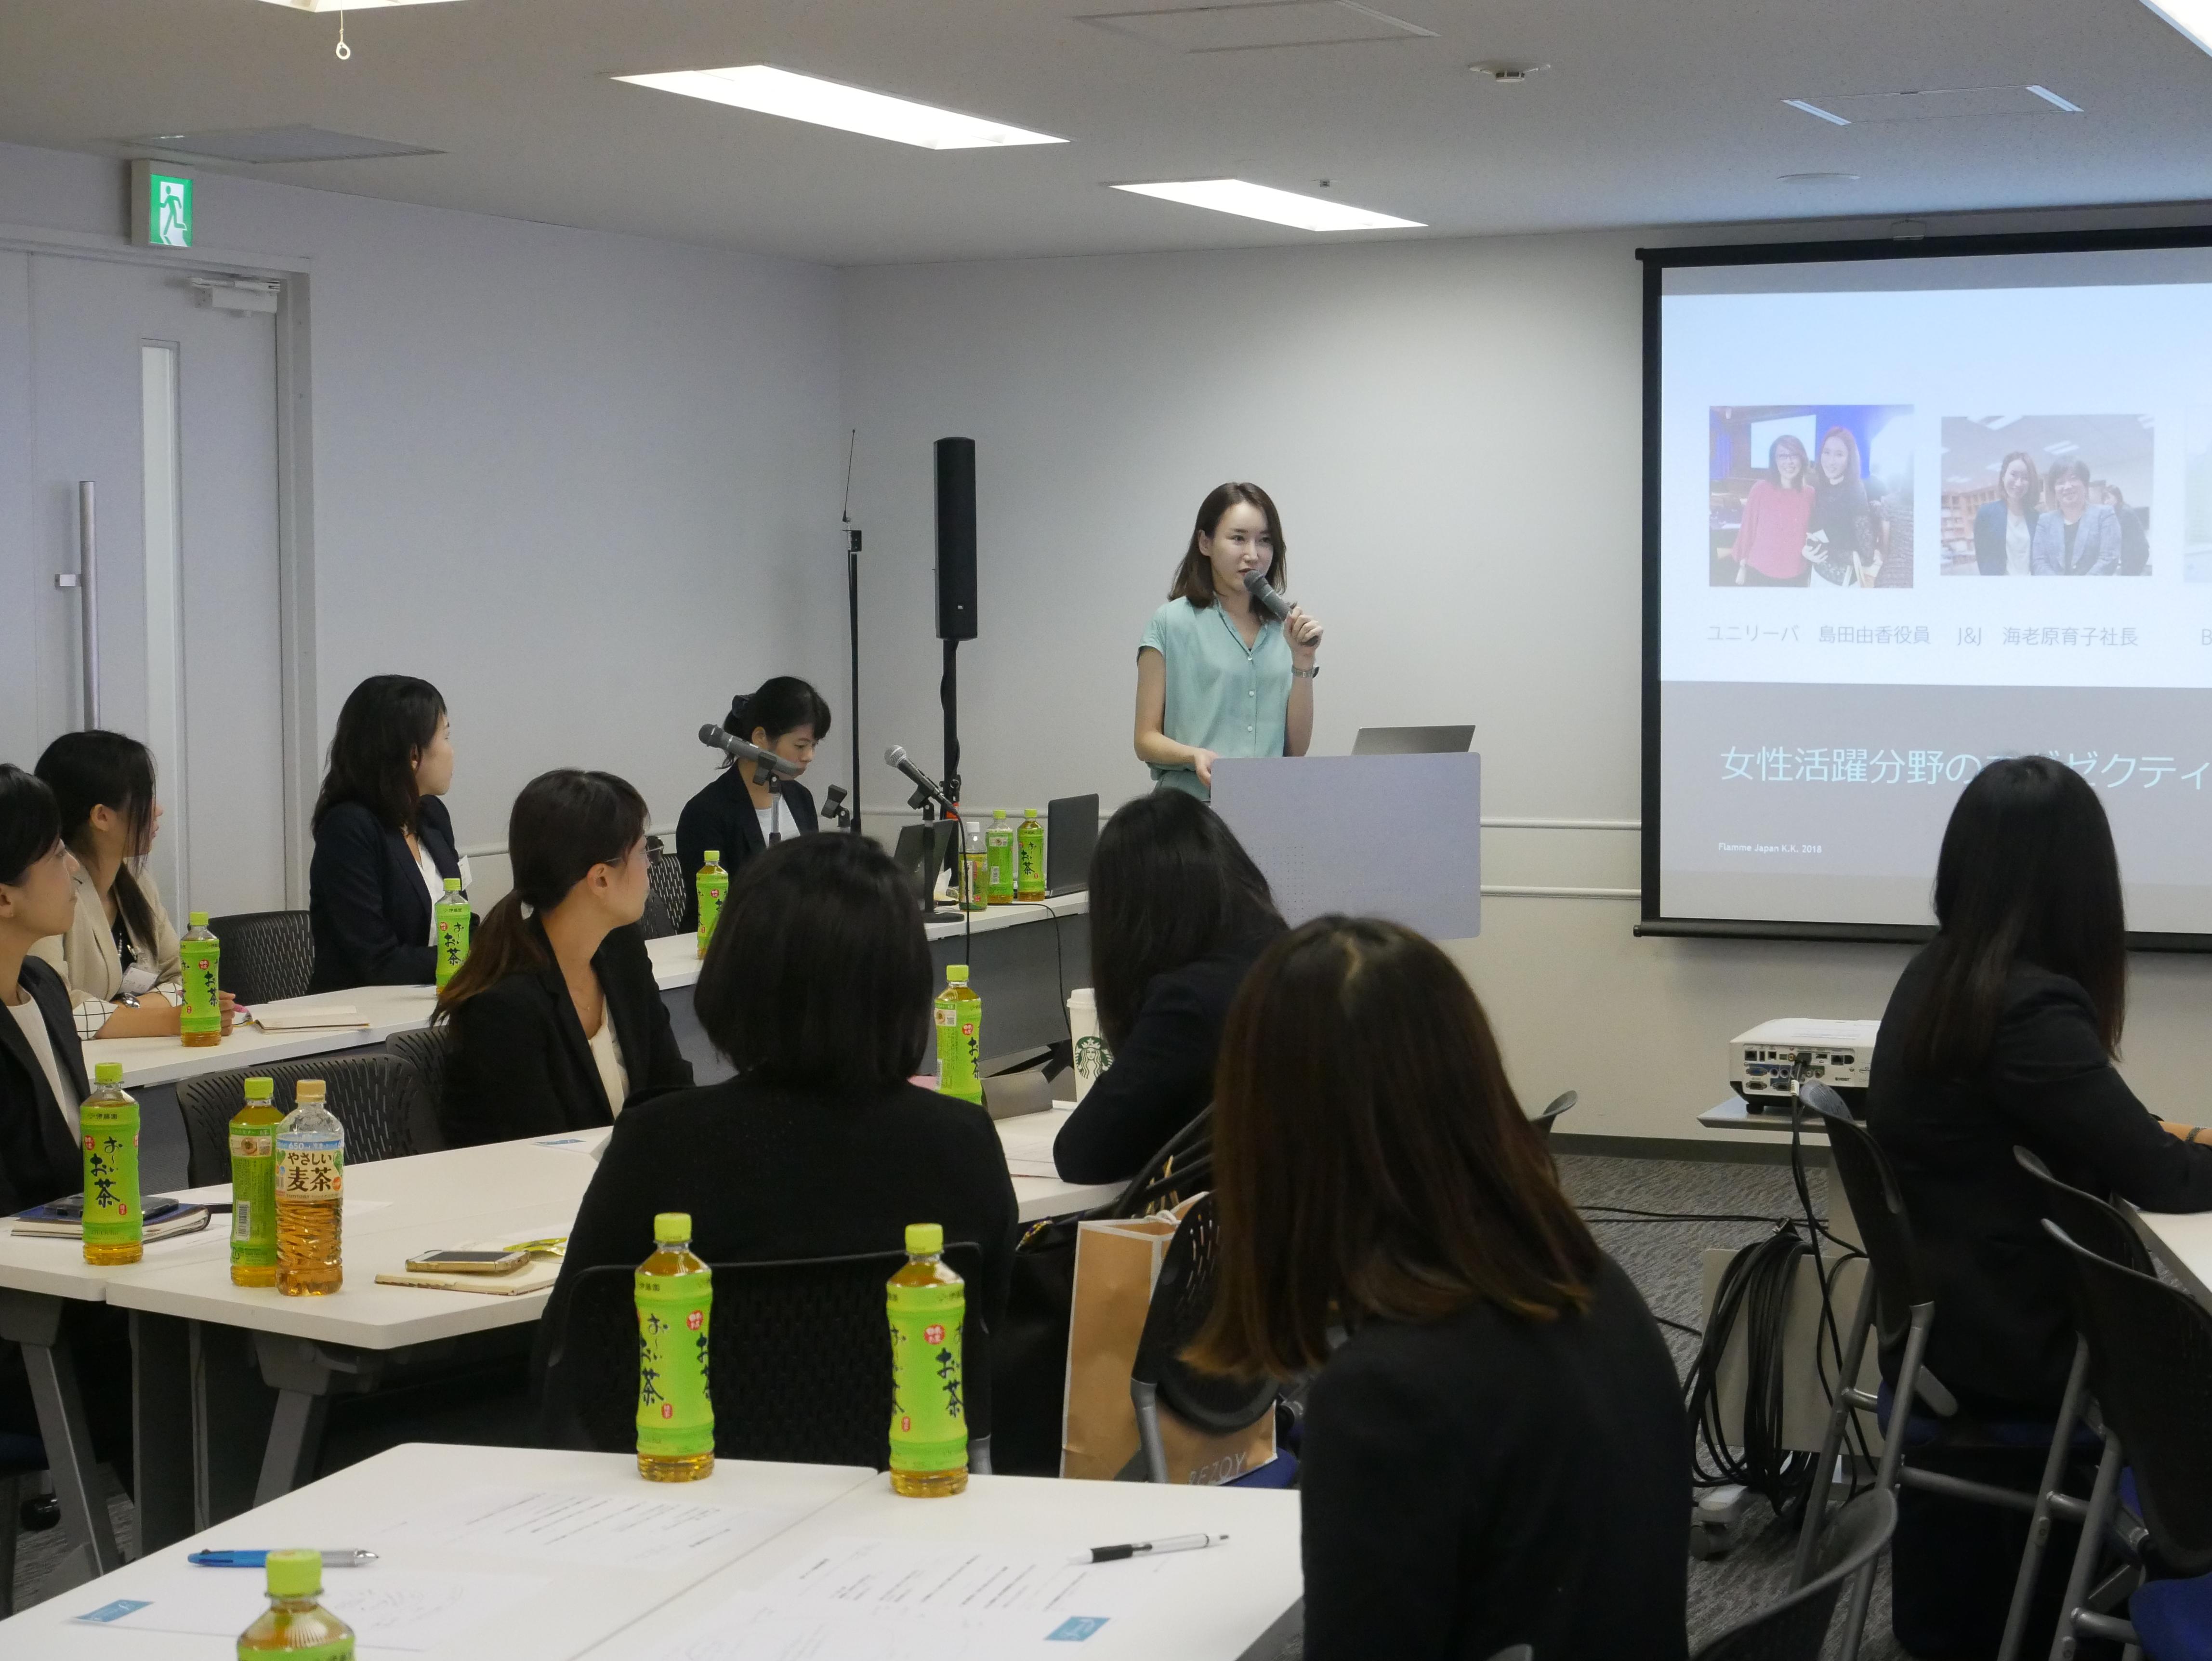 フラームジャパン_女性MRカンファレンス